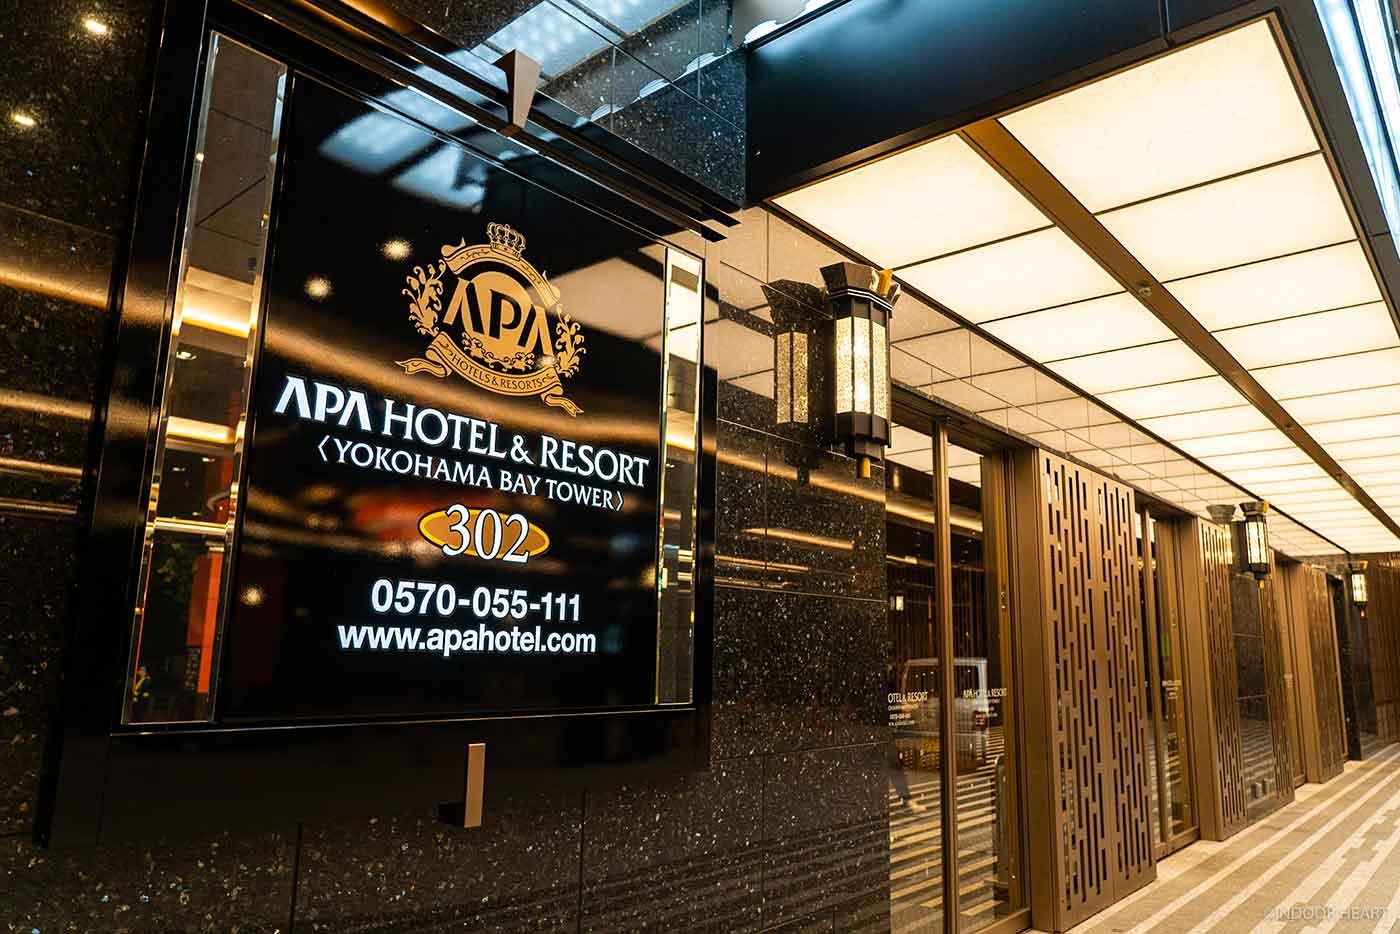 アパホテル&リゾート横浜ベイタワーの入り口